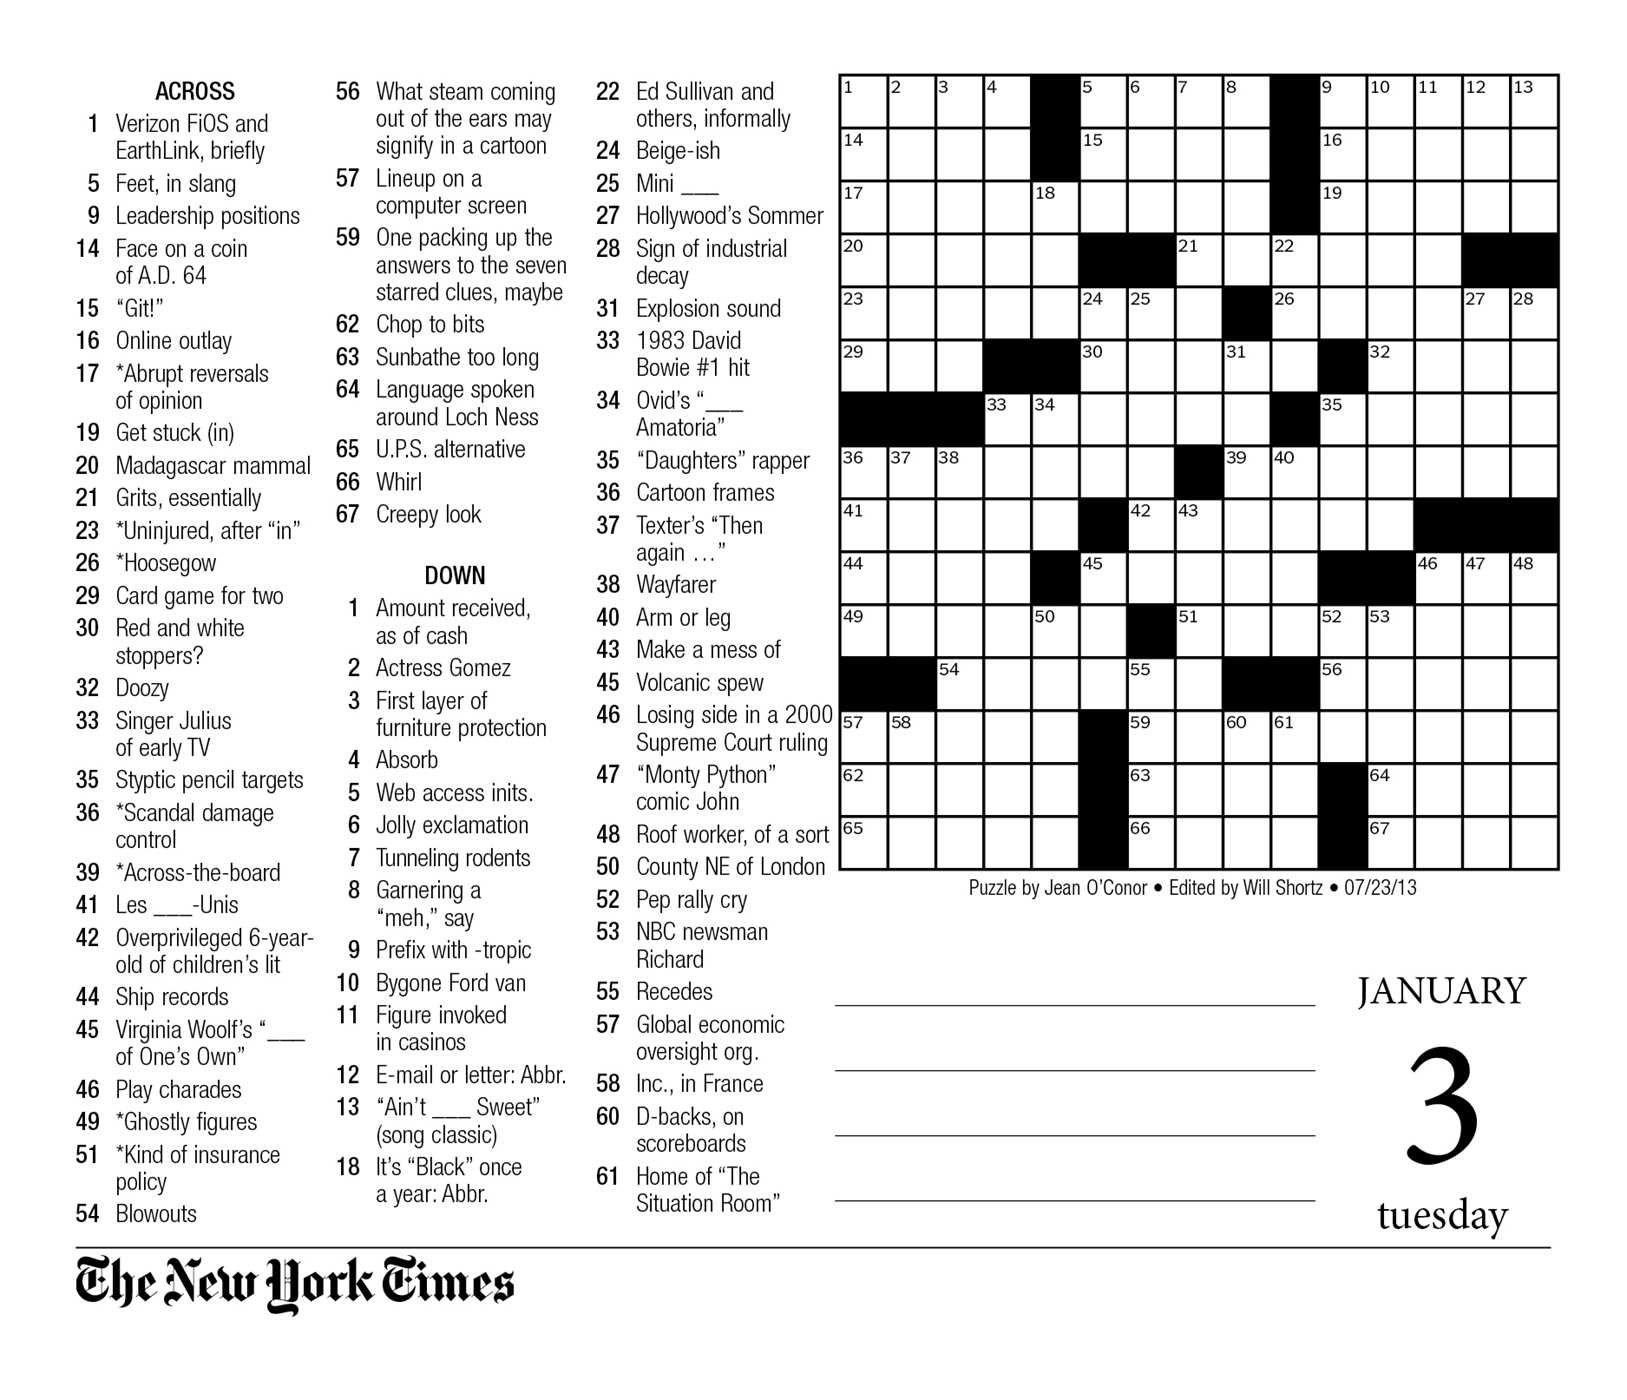 Crosswords Sunday Crossword Puzzle Printable ~ Themarketonholly - Free Printable Nyt Crossword Puzzles